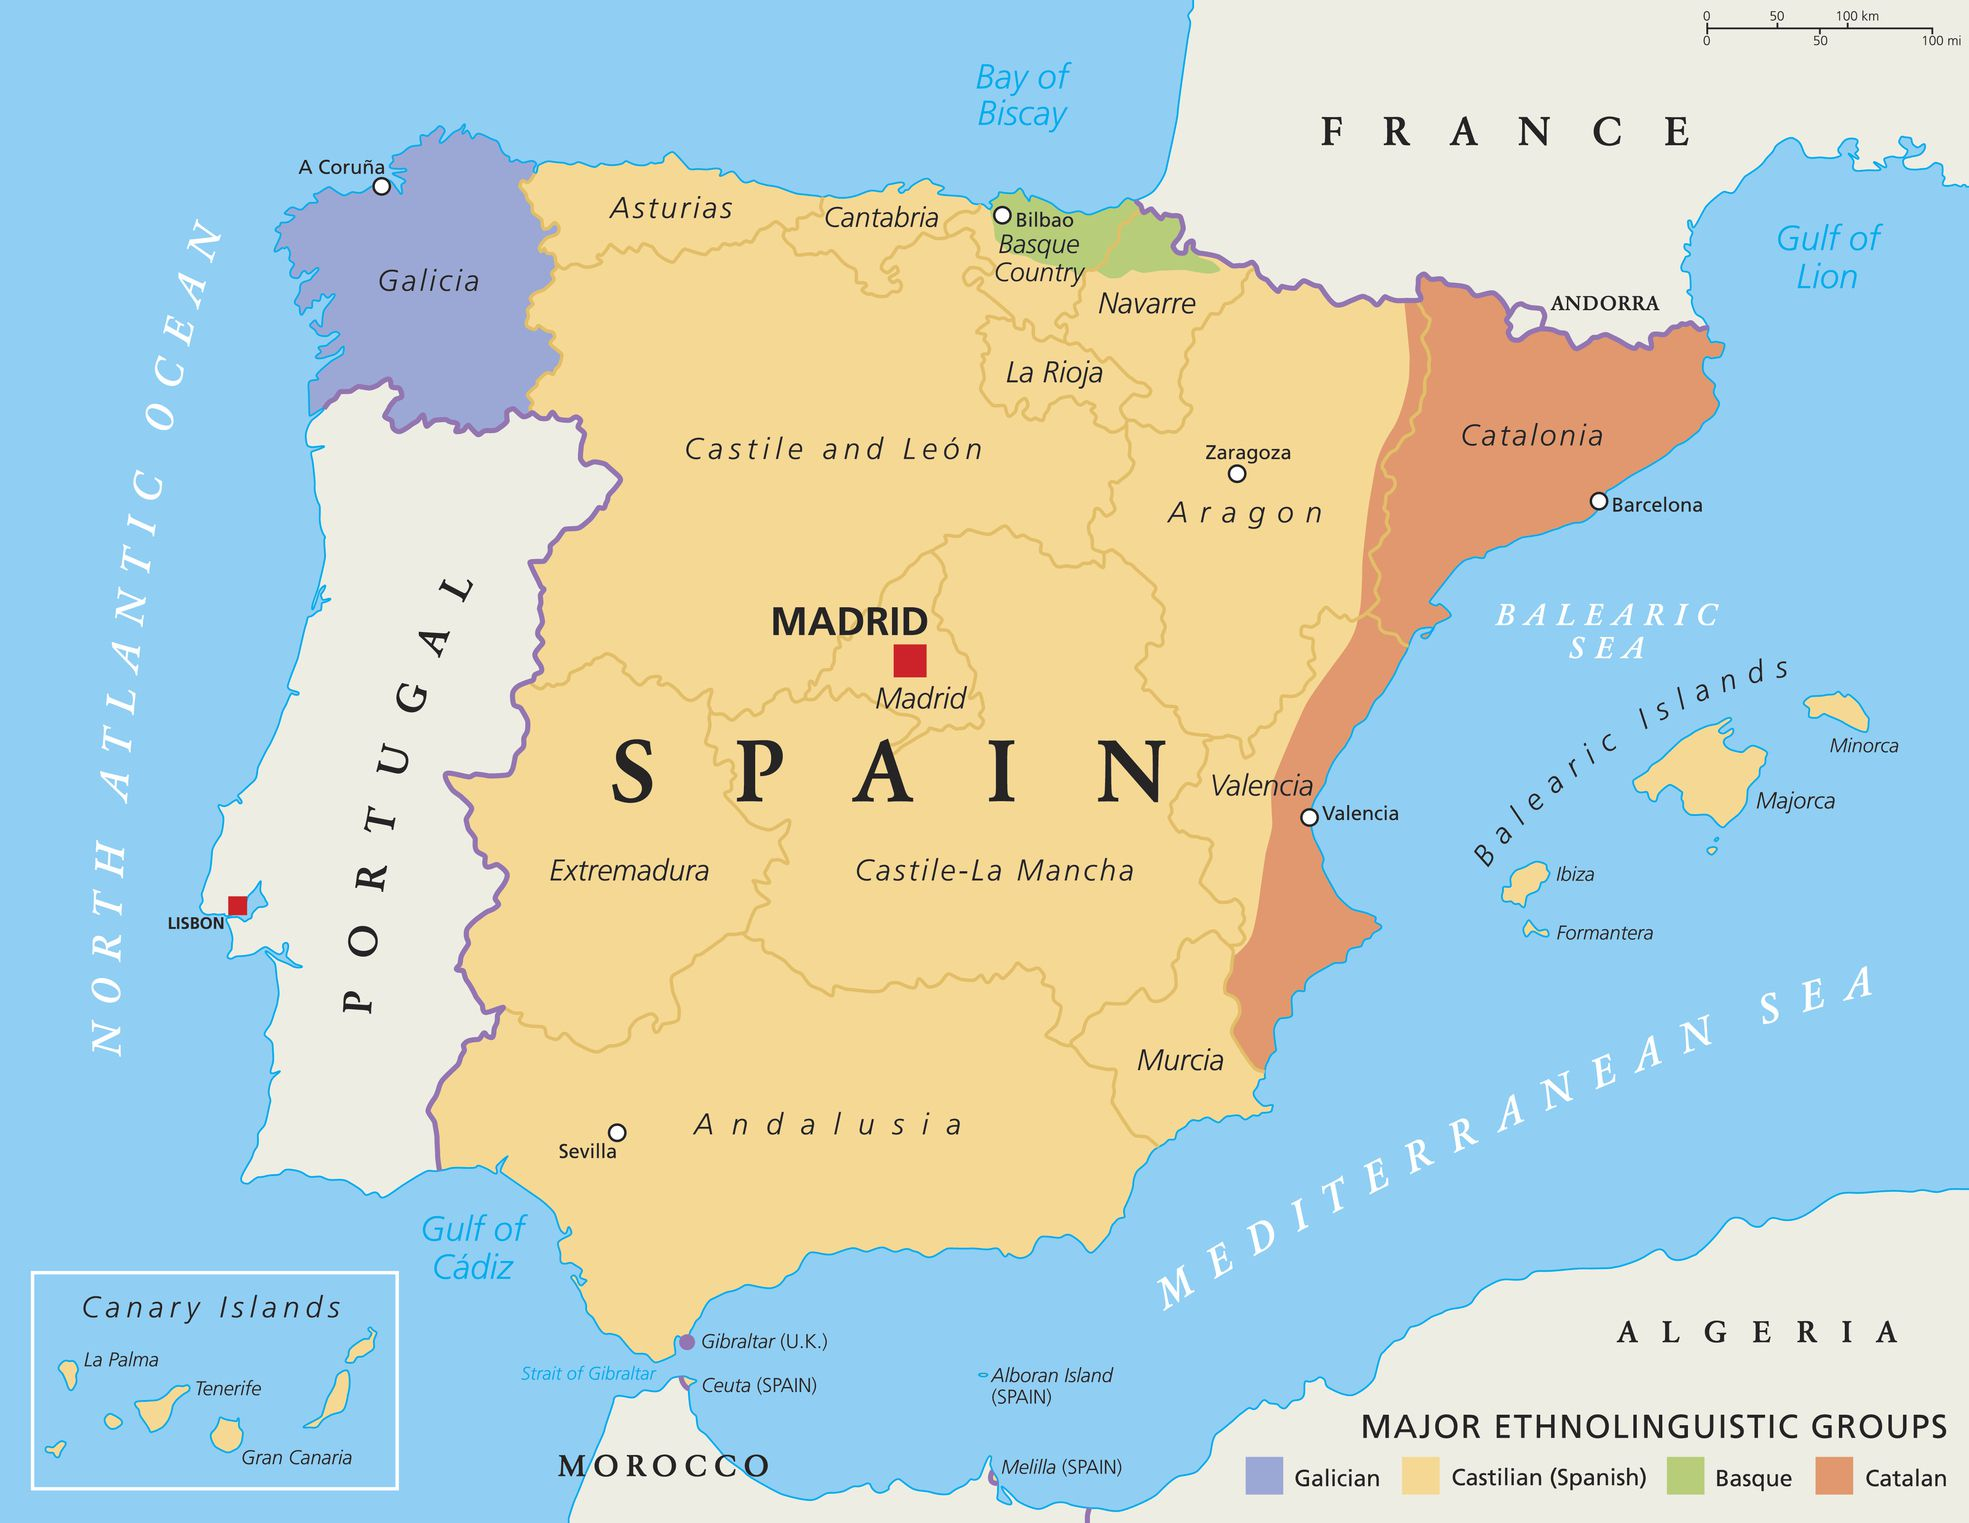 An Ma8w Ispanika Latinikhs Amerikhs 8a Ginei Katanohto Sthn Ispania